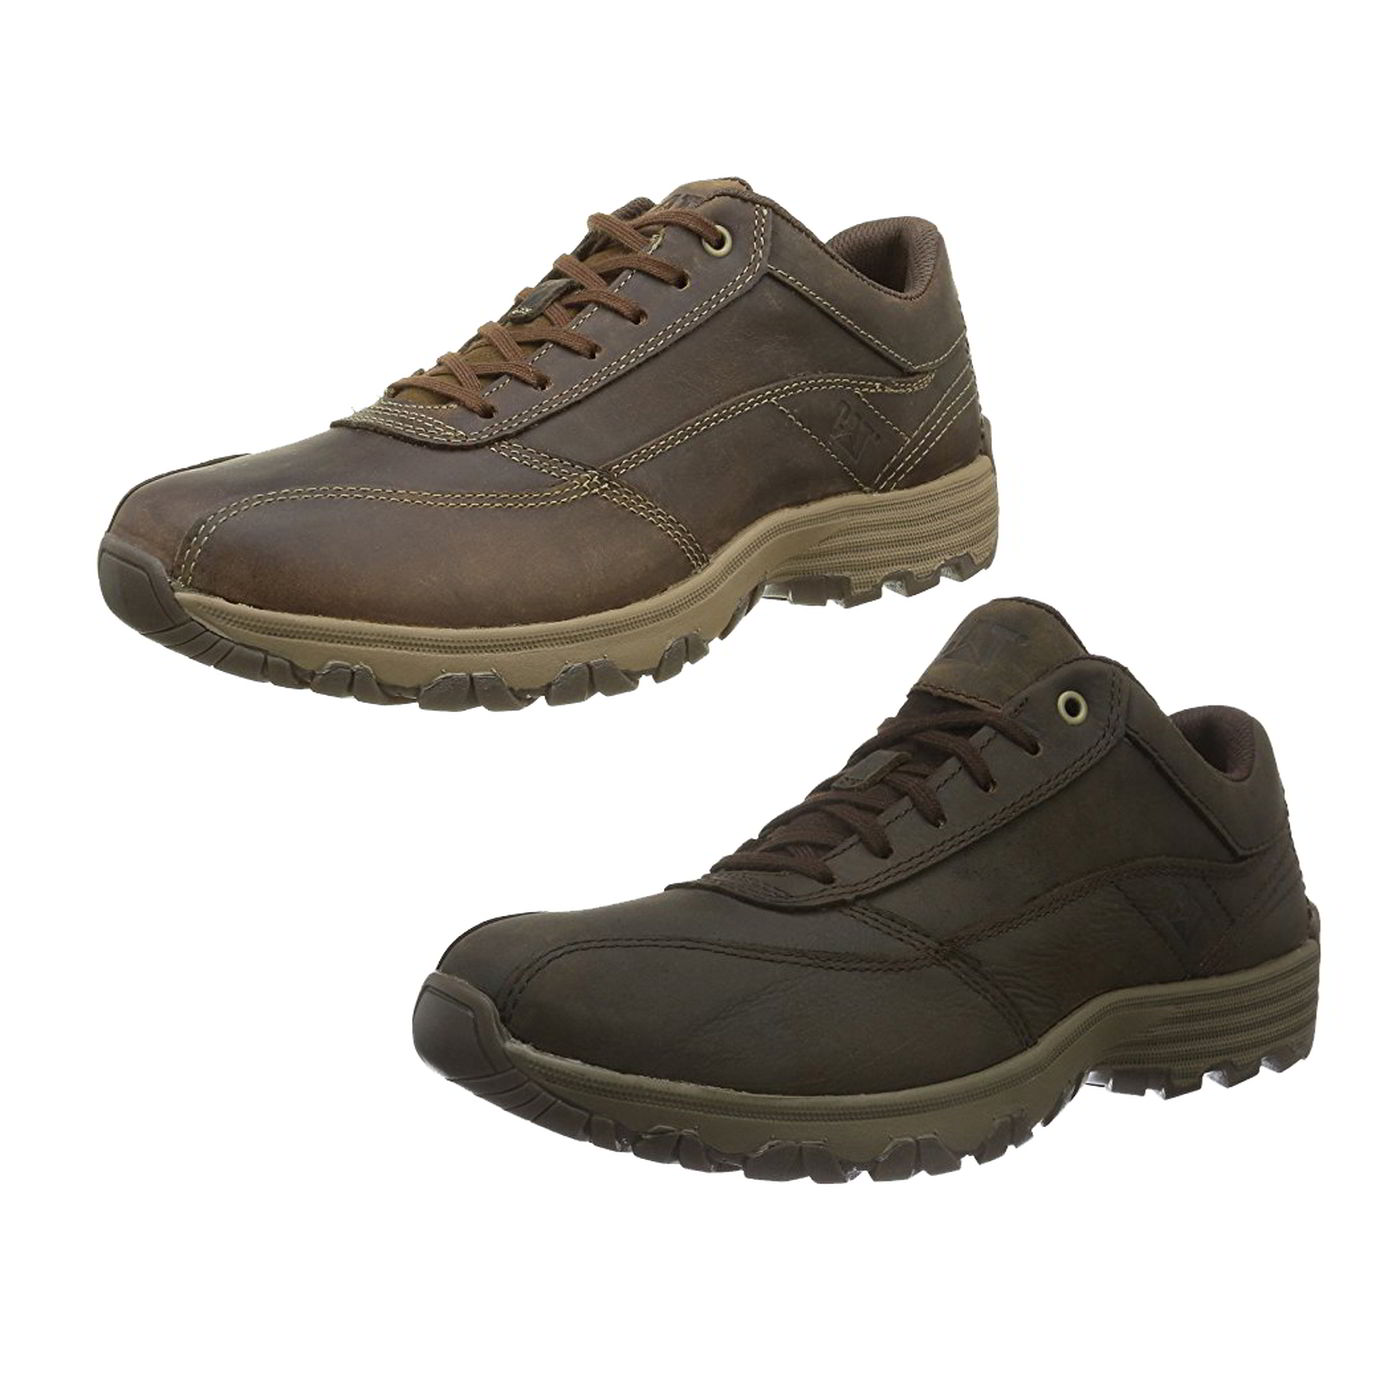 eb0e734704c Détails sur Caterpillar EON CAT homme cuir marron large Fit Baskets  Chaussures Taille UK 7-12- afficher le titre d origine